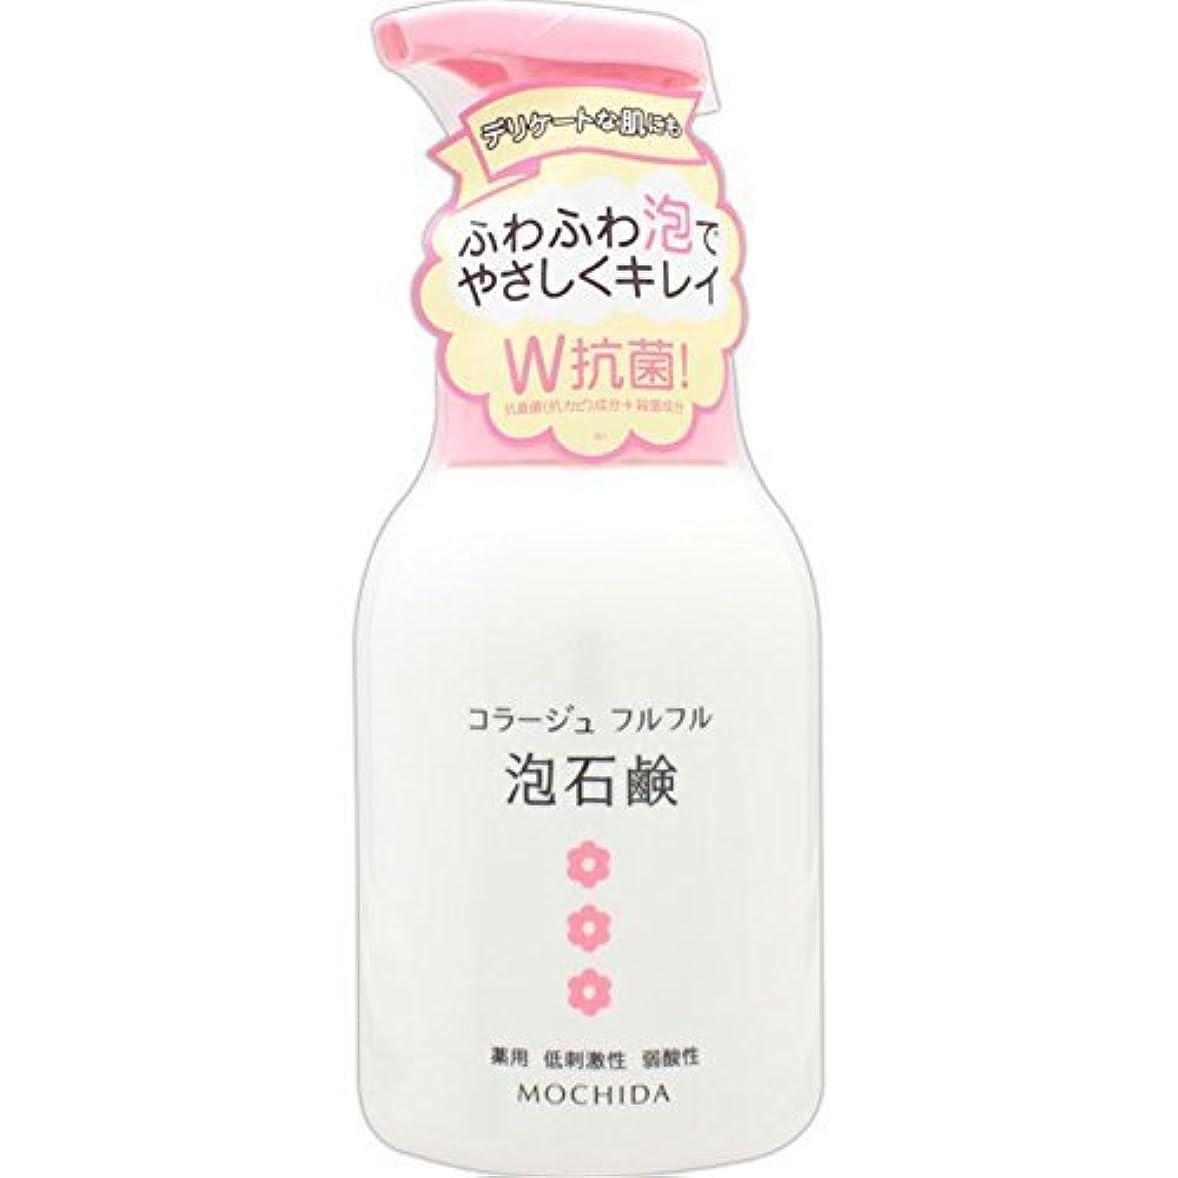 ヘア凝視ニッケルコラージュフルフル 泡石鹸 ピンク 300m L (医薬部外品) ×5